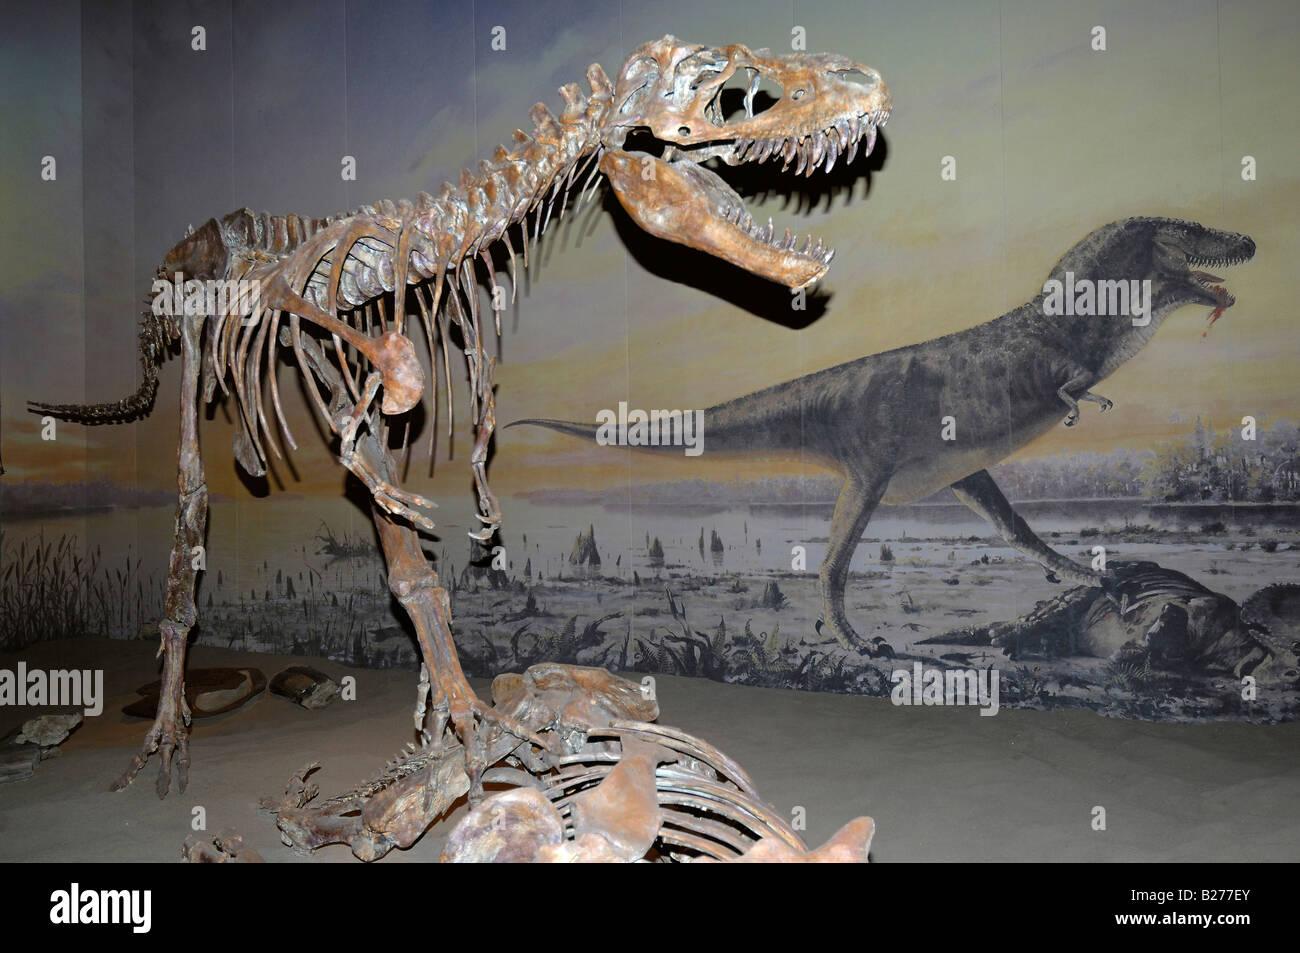 Formato horizontal del esqueleto de un dinosaurio Albertosaurus en el Museo Royal Tyrrell en Drumheller, Alberta, Imagen De Stock